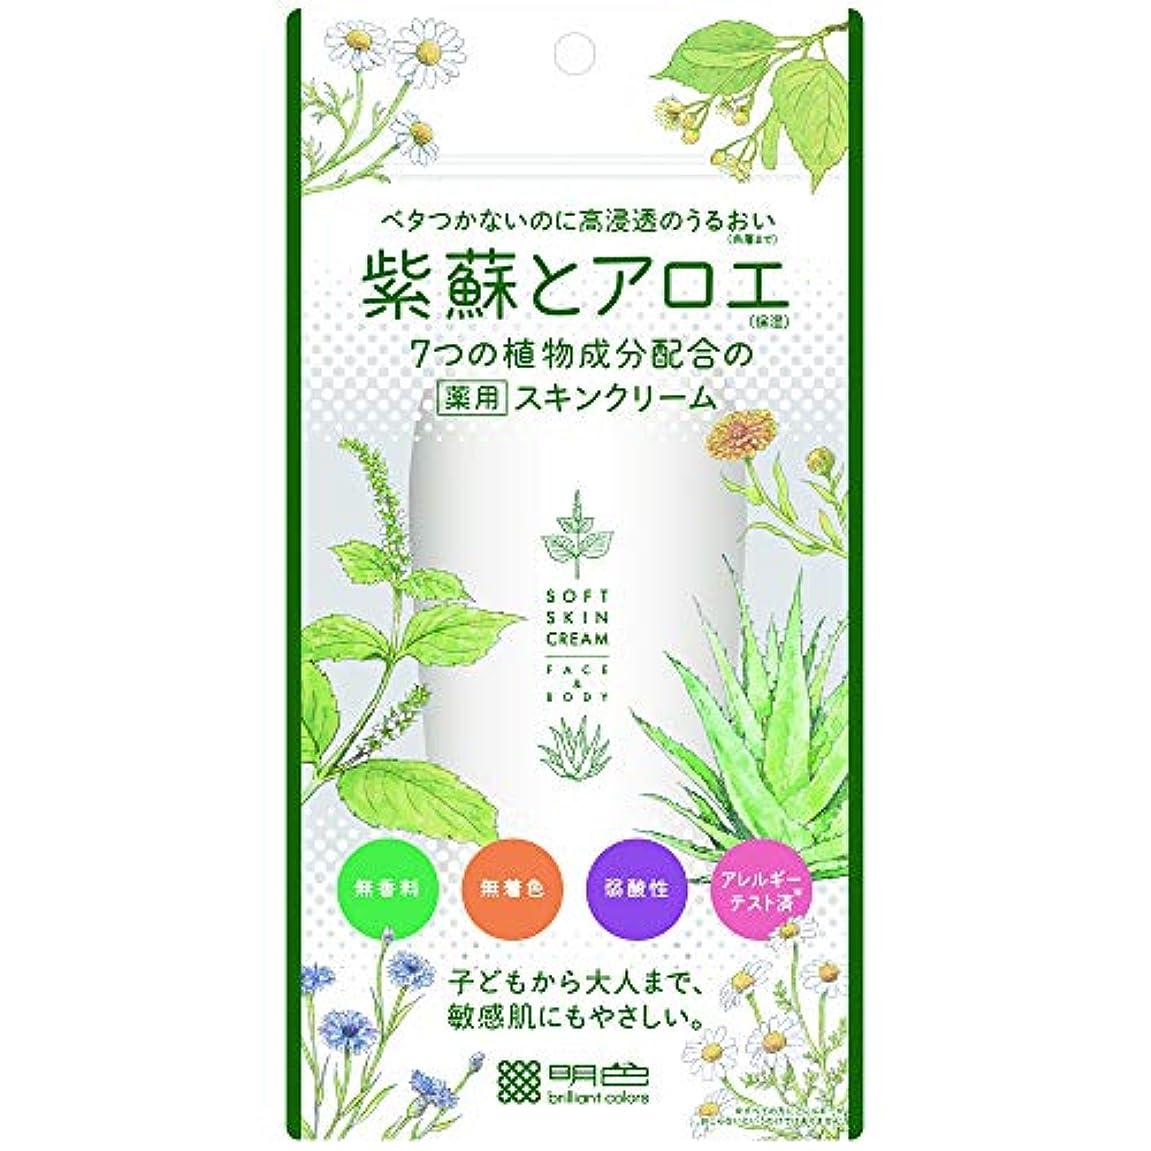 ピニオン開業医愛明色化粧品 紫蘇とアロエ 薬用スキンクリーム 190g